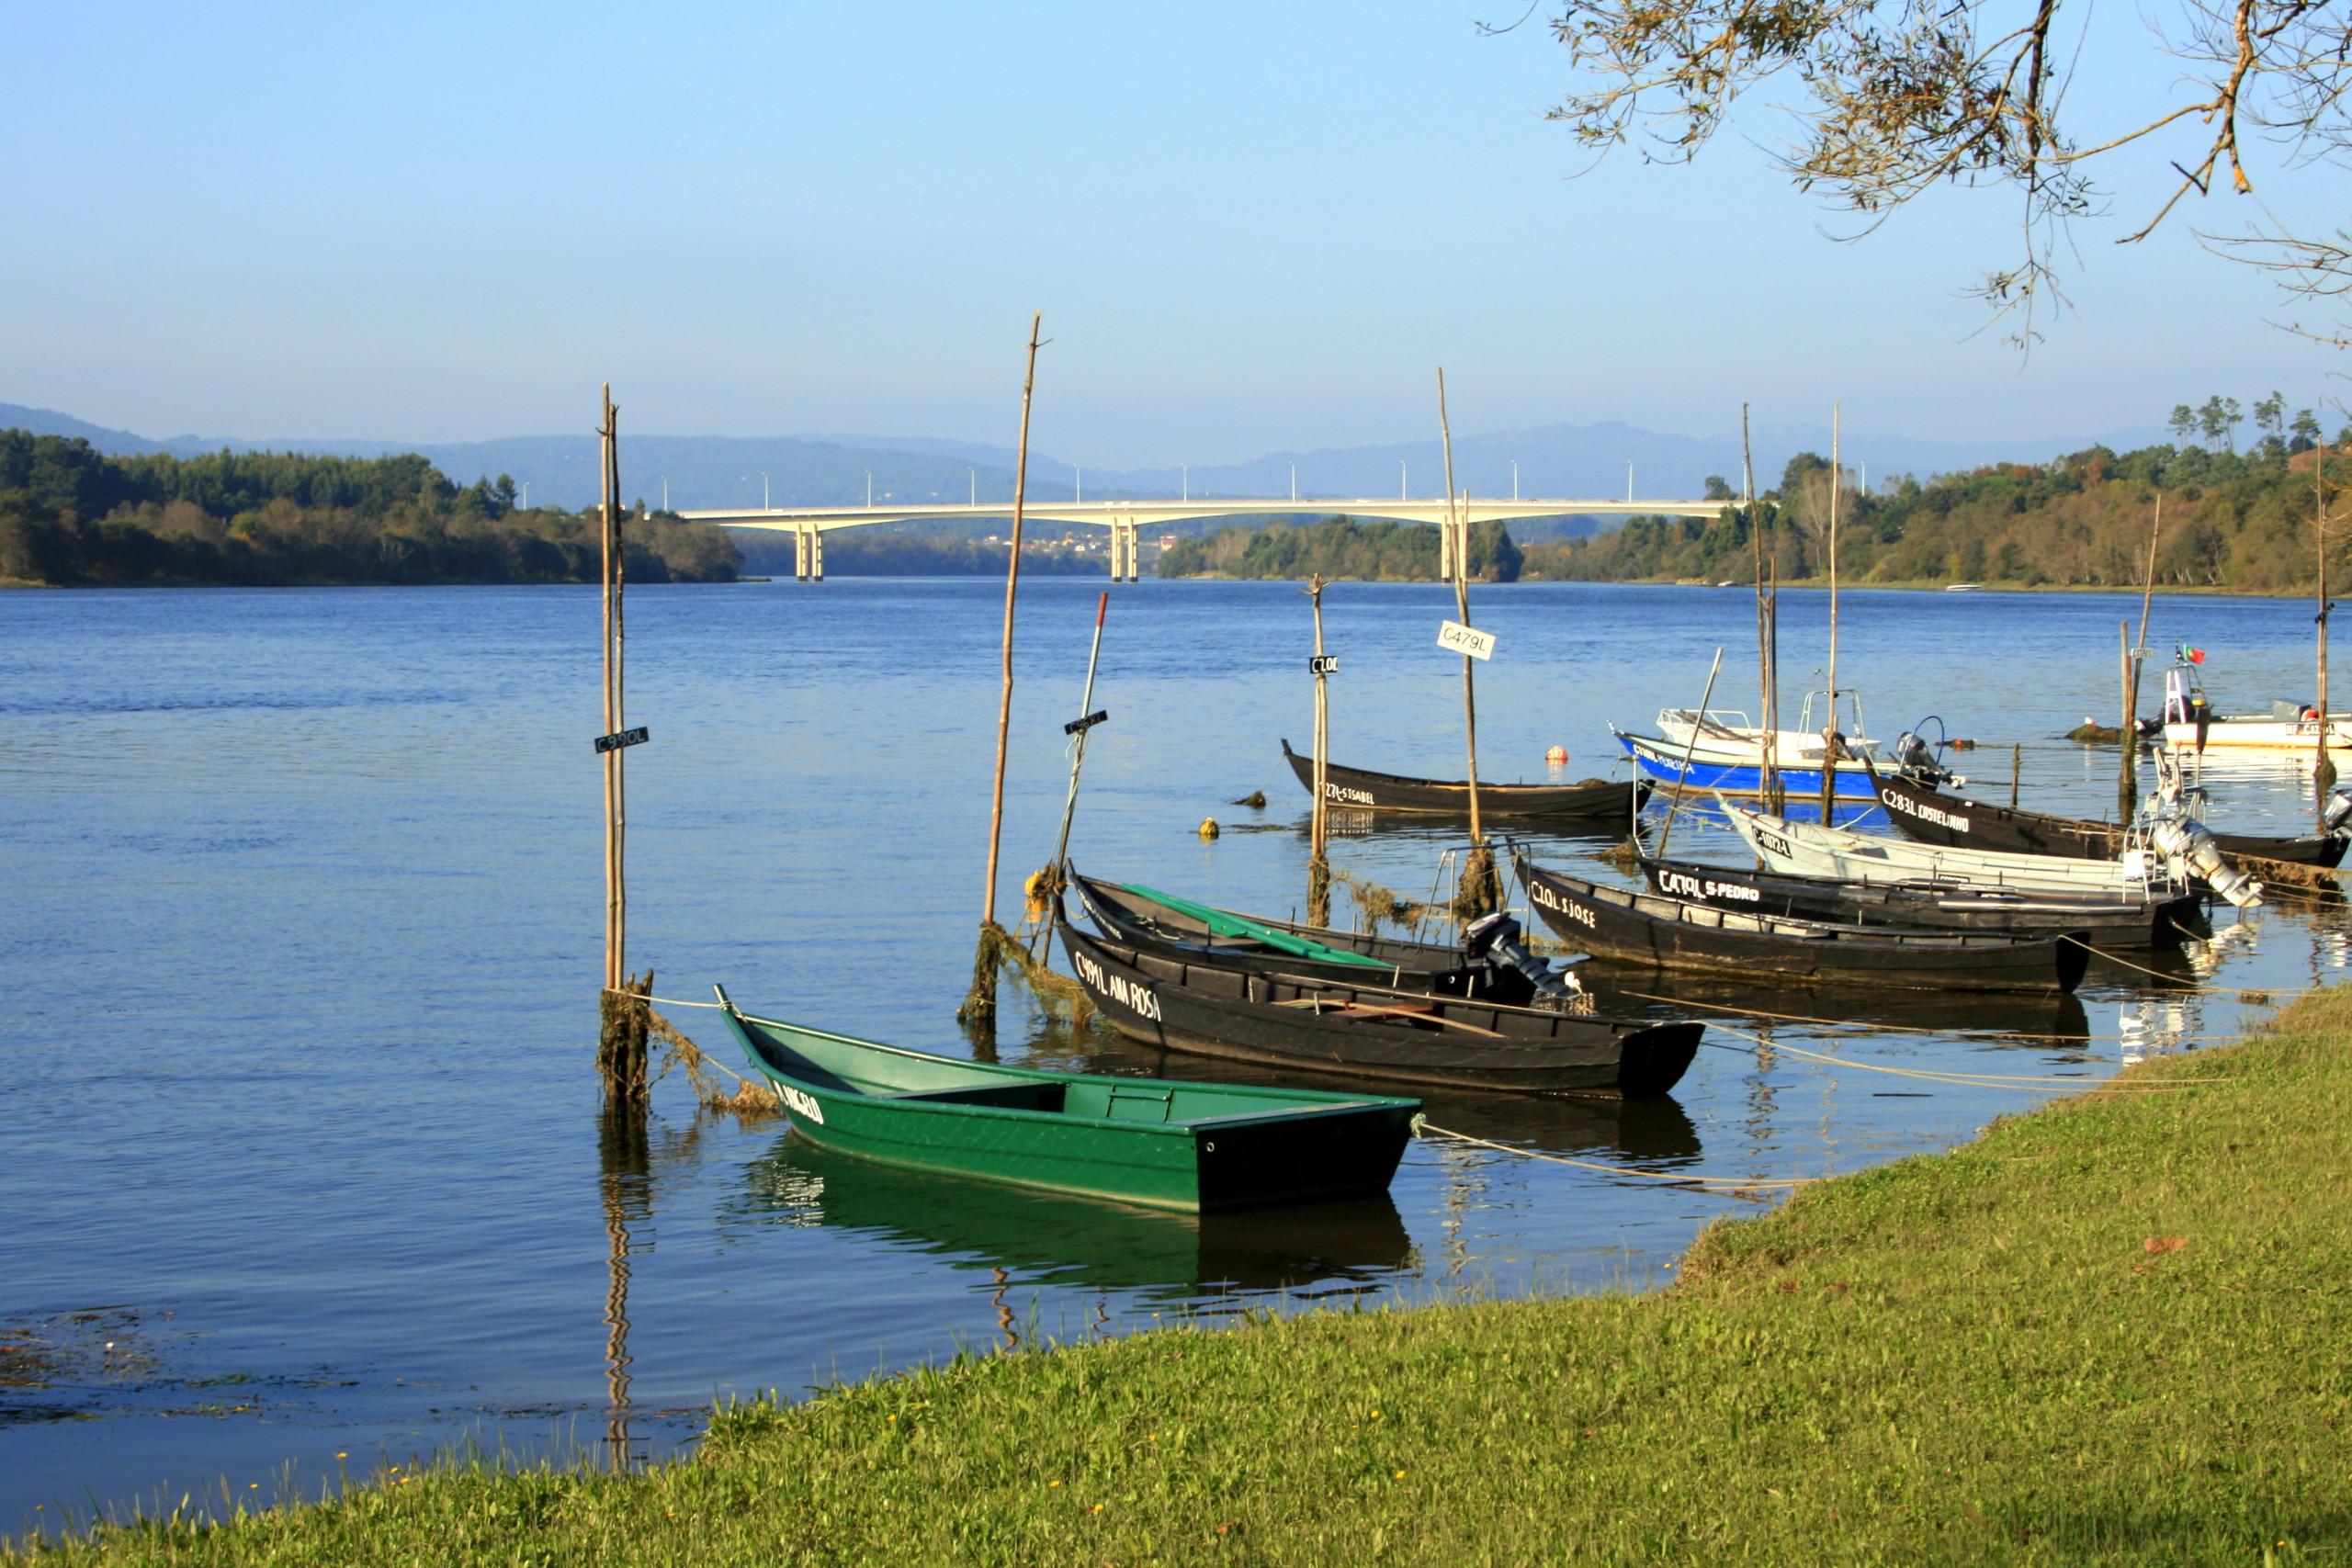 Cerveira, Vila Nova de Cerveira, Rio de Cerveira, Rio de Vila Nova de Cerveira, barcos em cerveira, barcos no rio, inatel cerveira